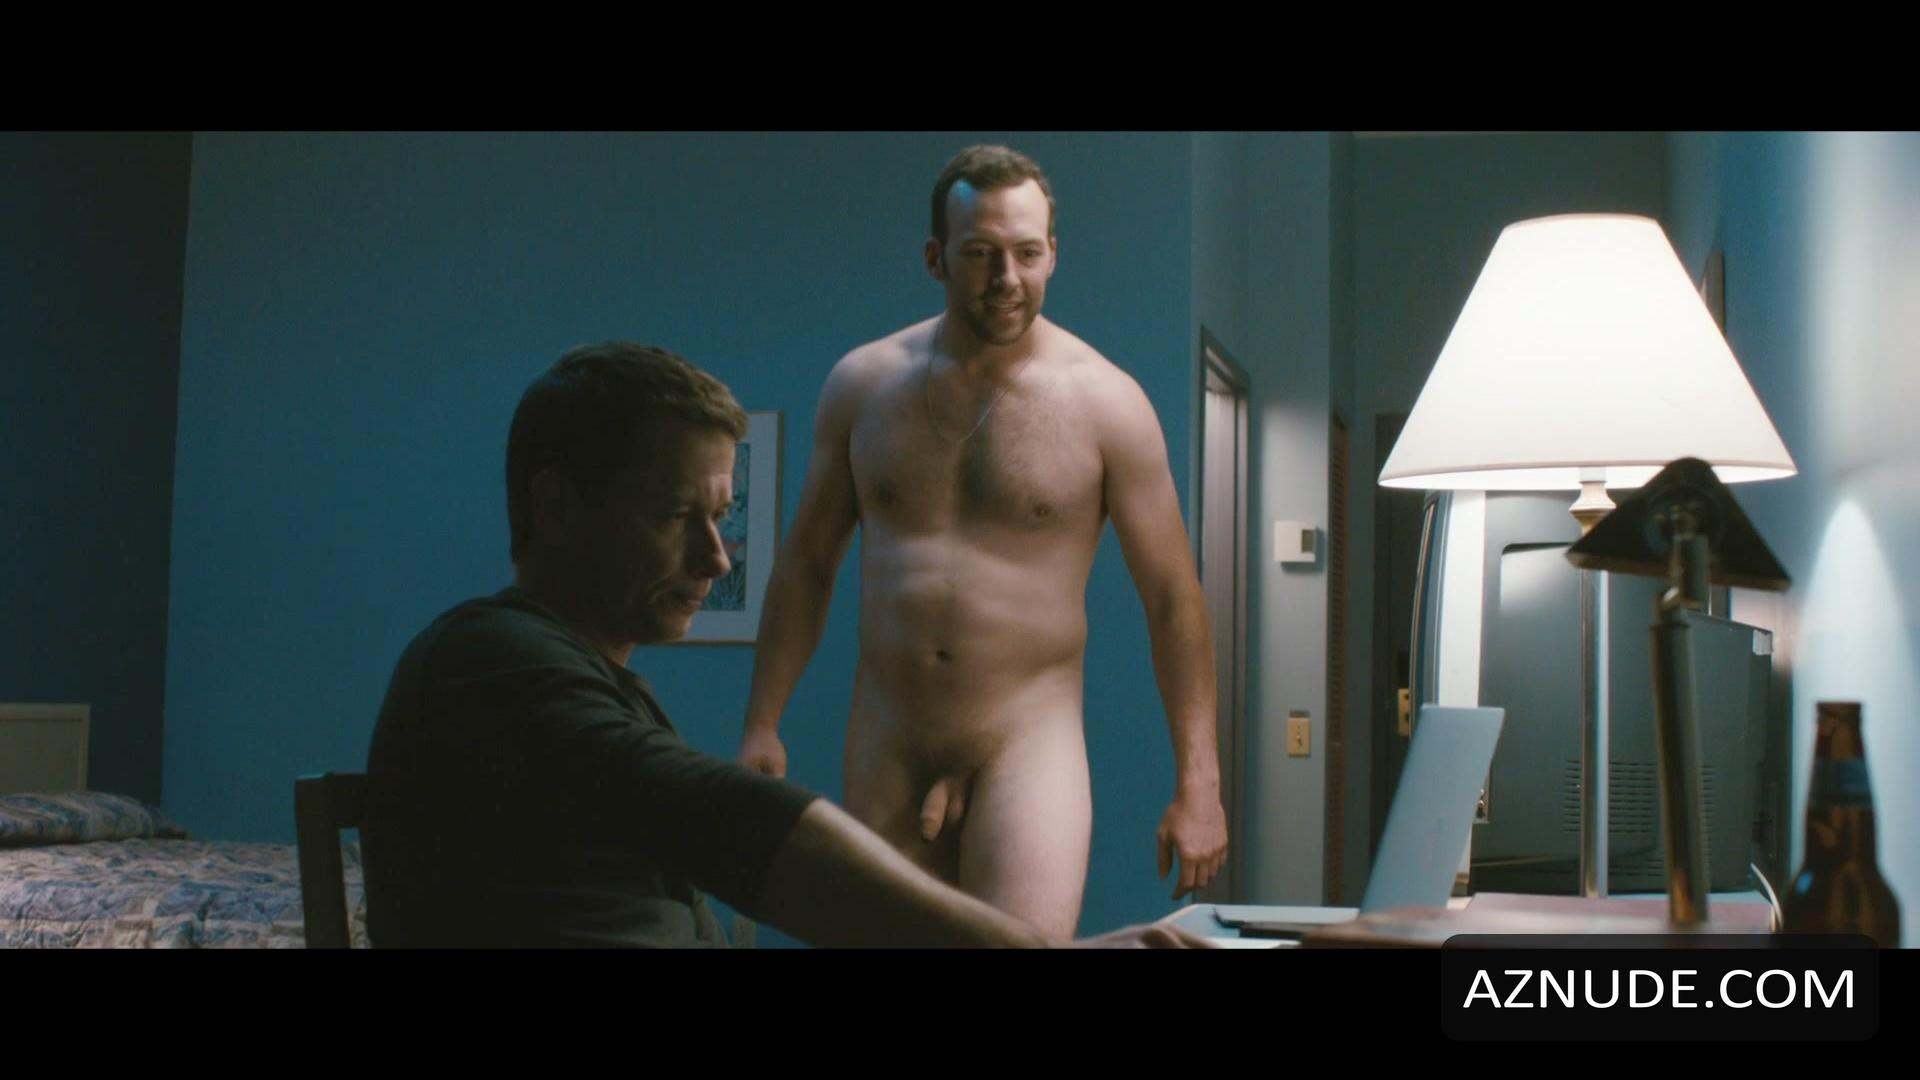 Warm Free Male Celbrity Nudes HD